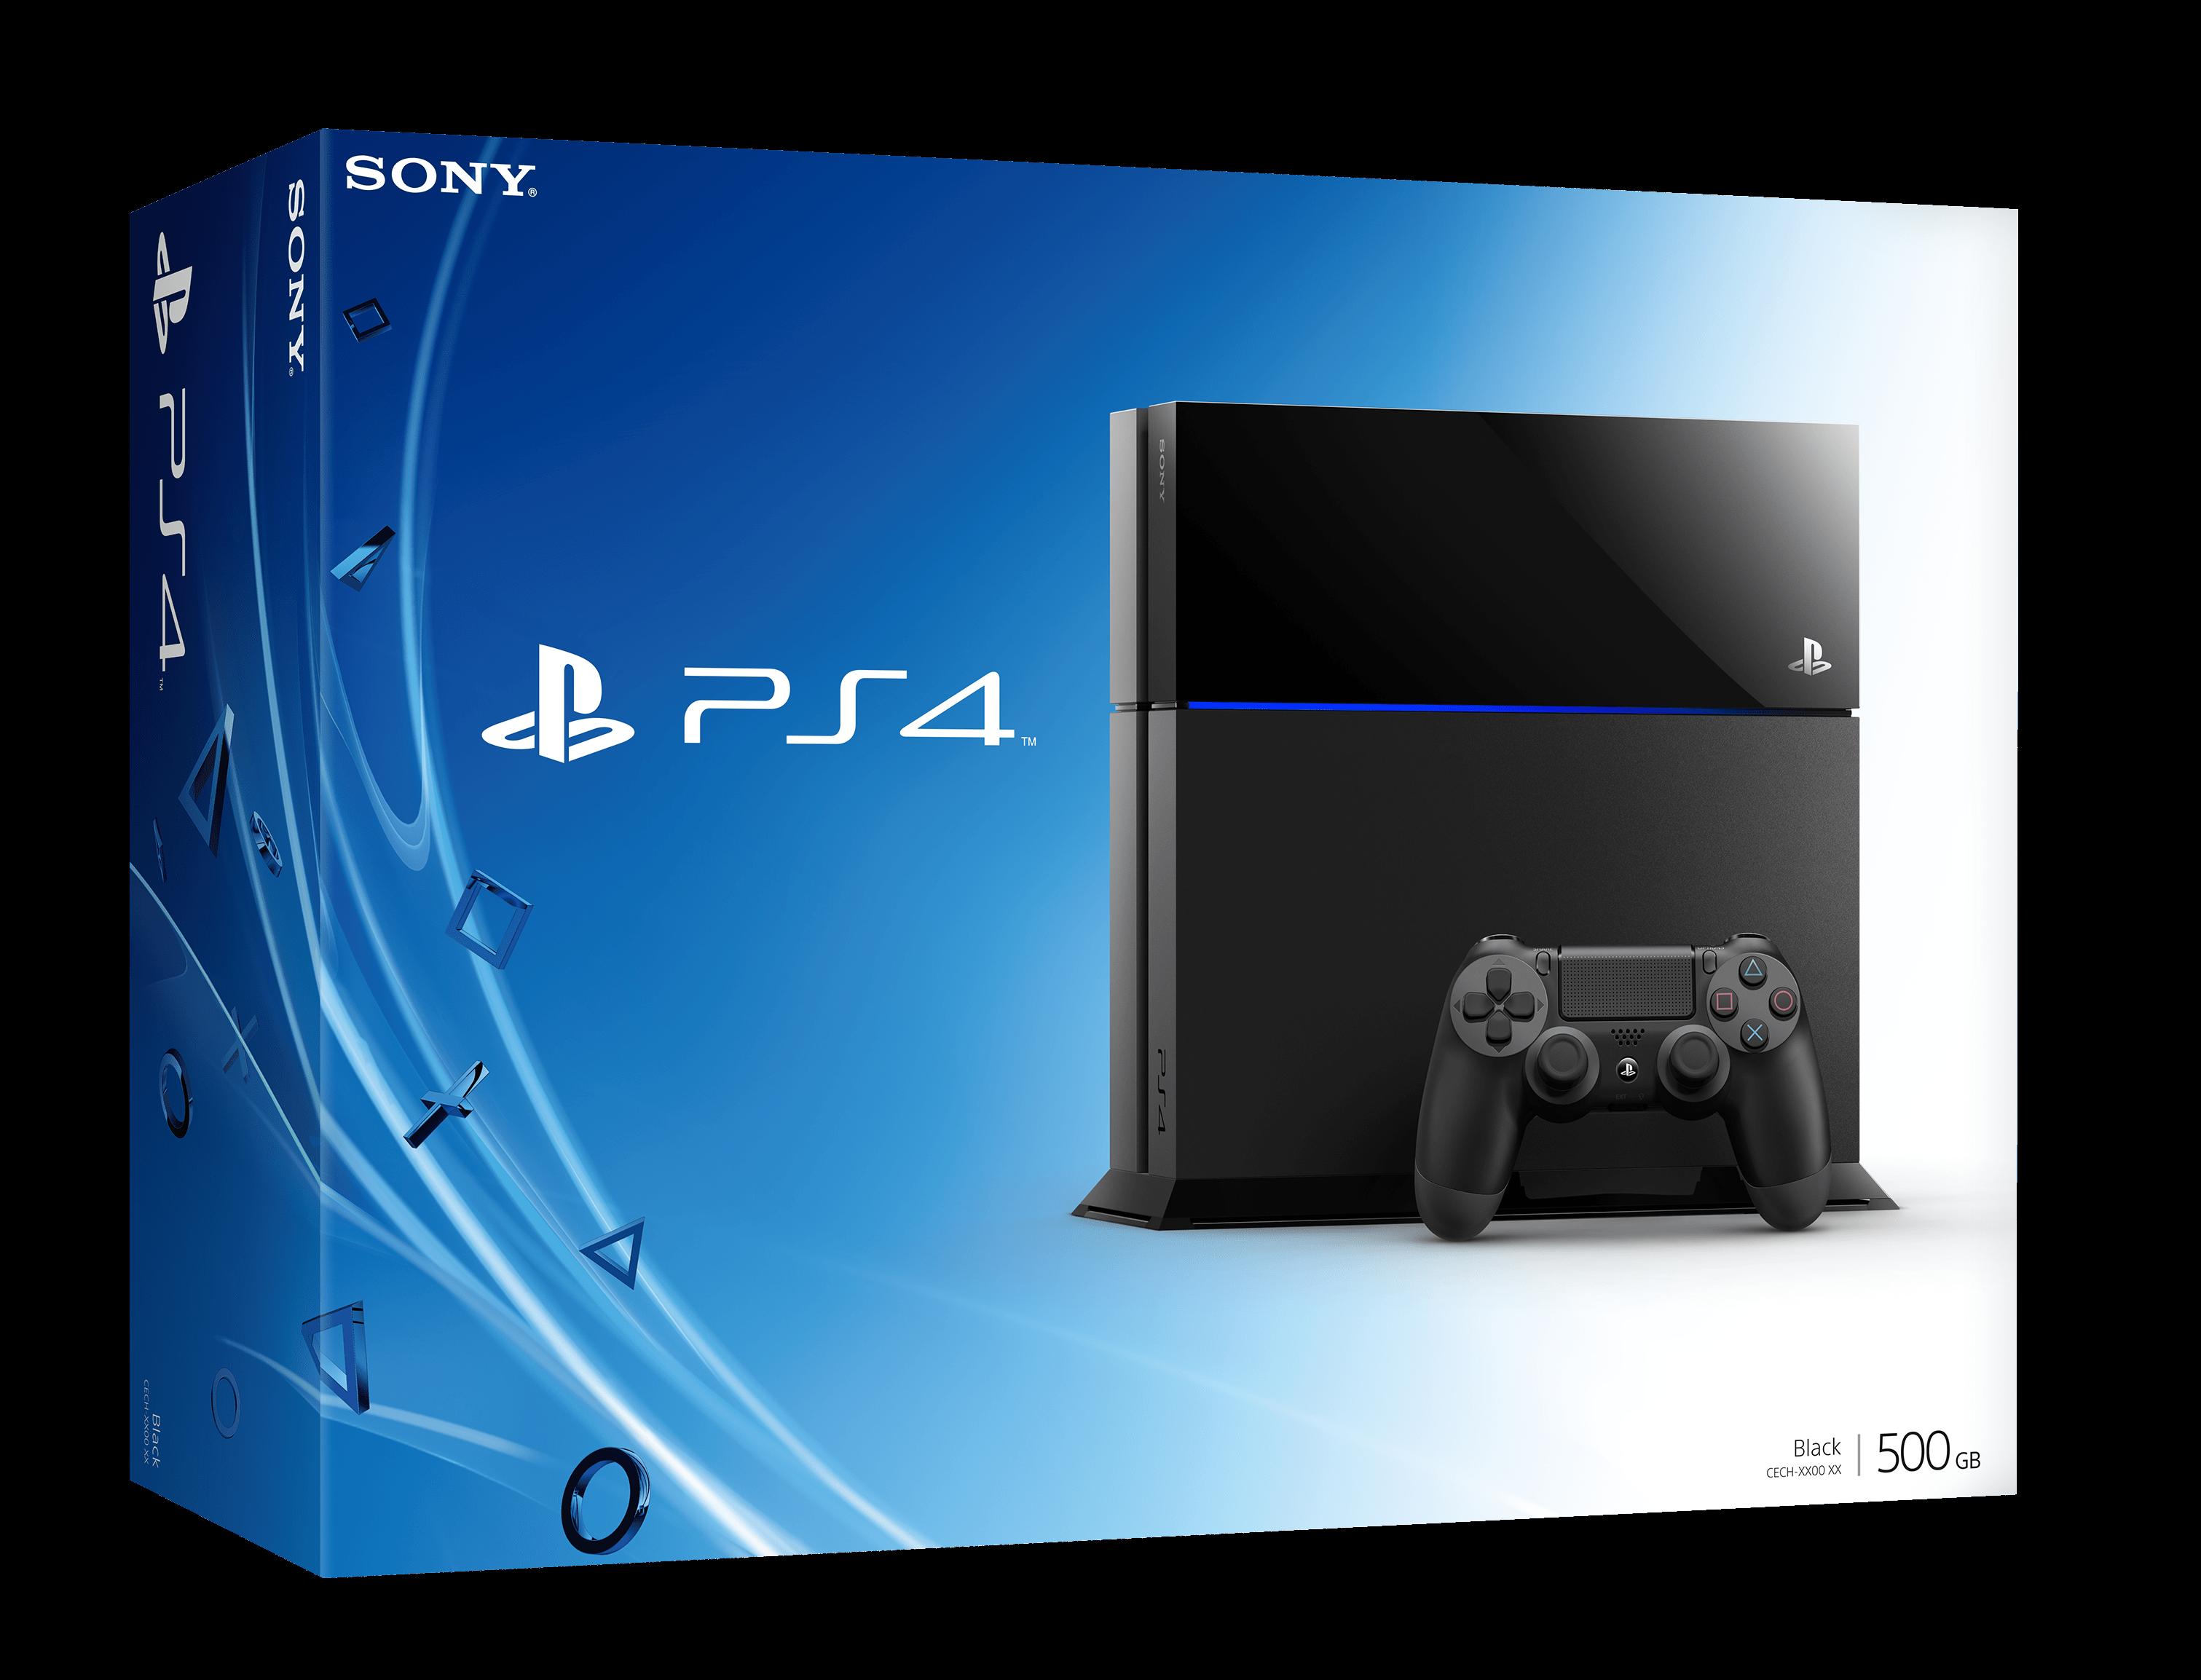 Sony PS4'den Rekor!